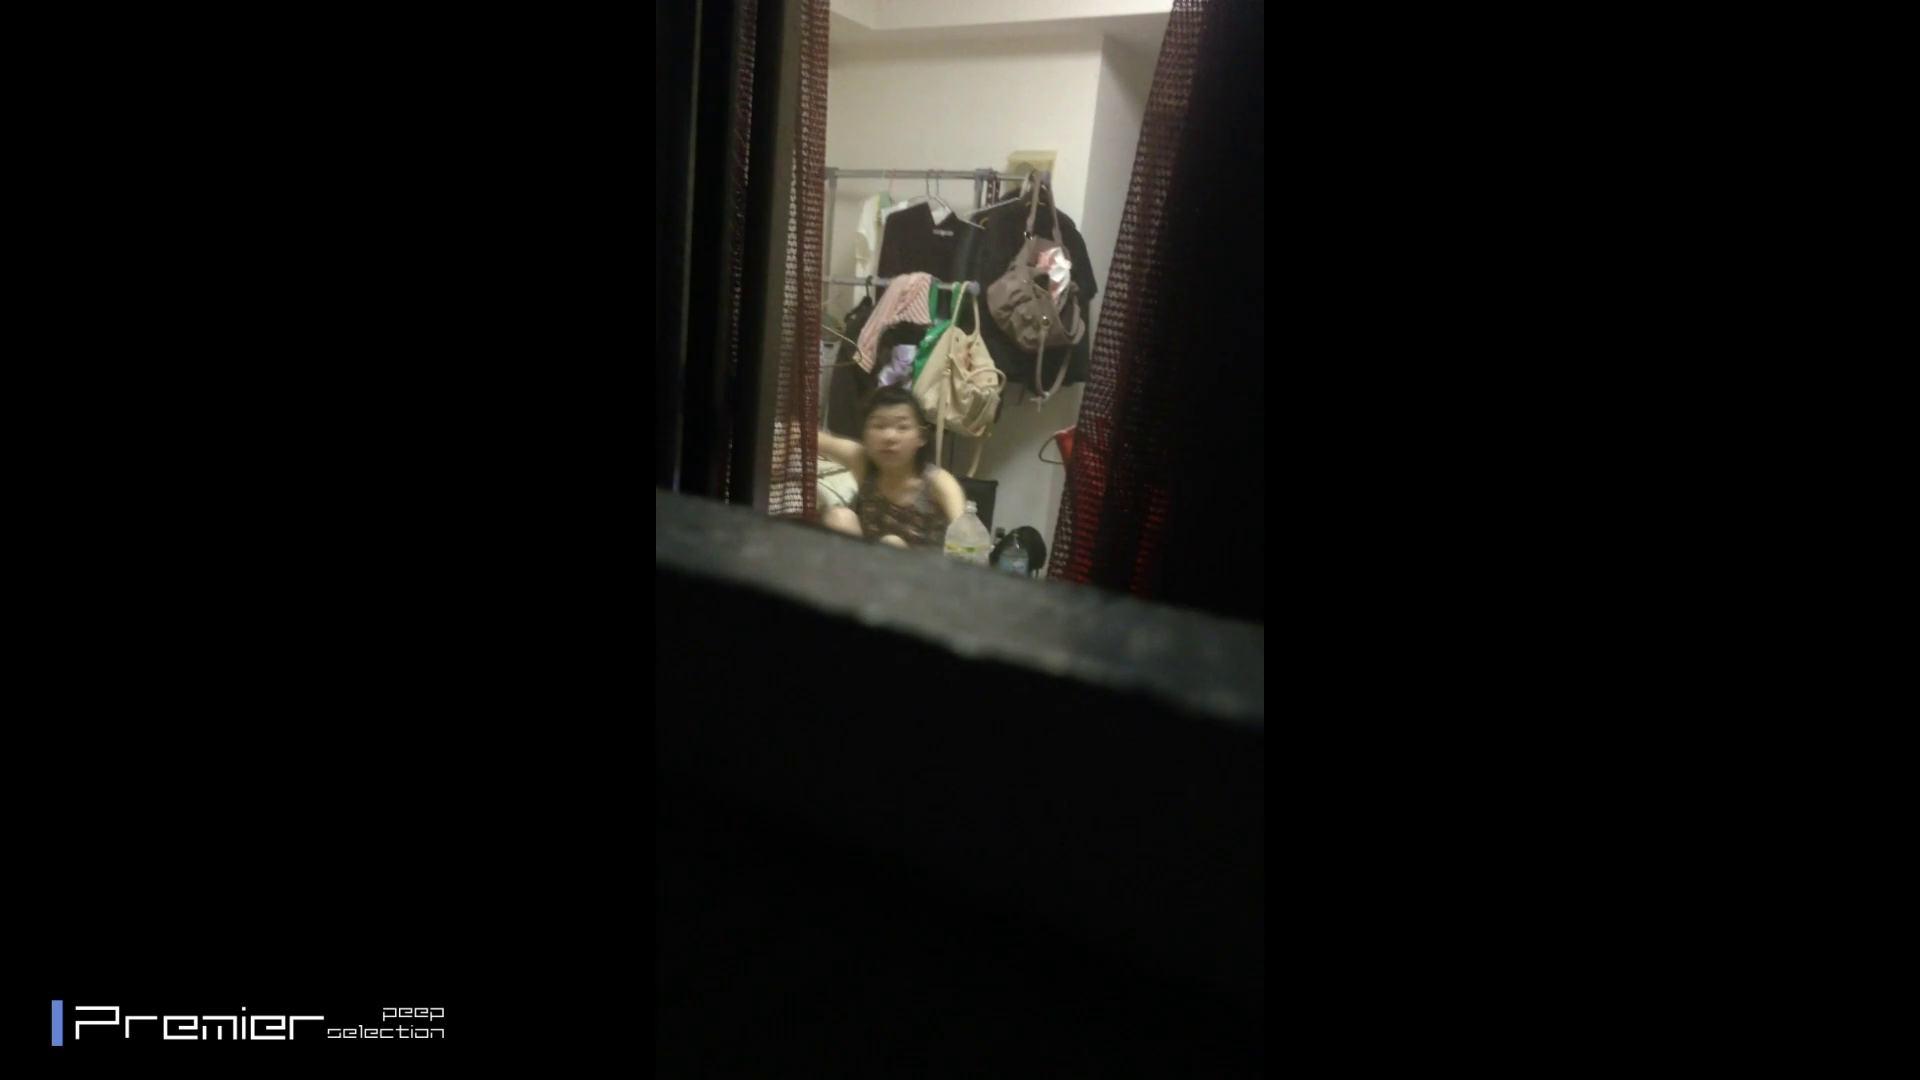 美女達の私生活に潜入!可愛い女子大生のプライベートに潜入 プライベート 隠し撮りオマンコ動画紹介 105pic 24